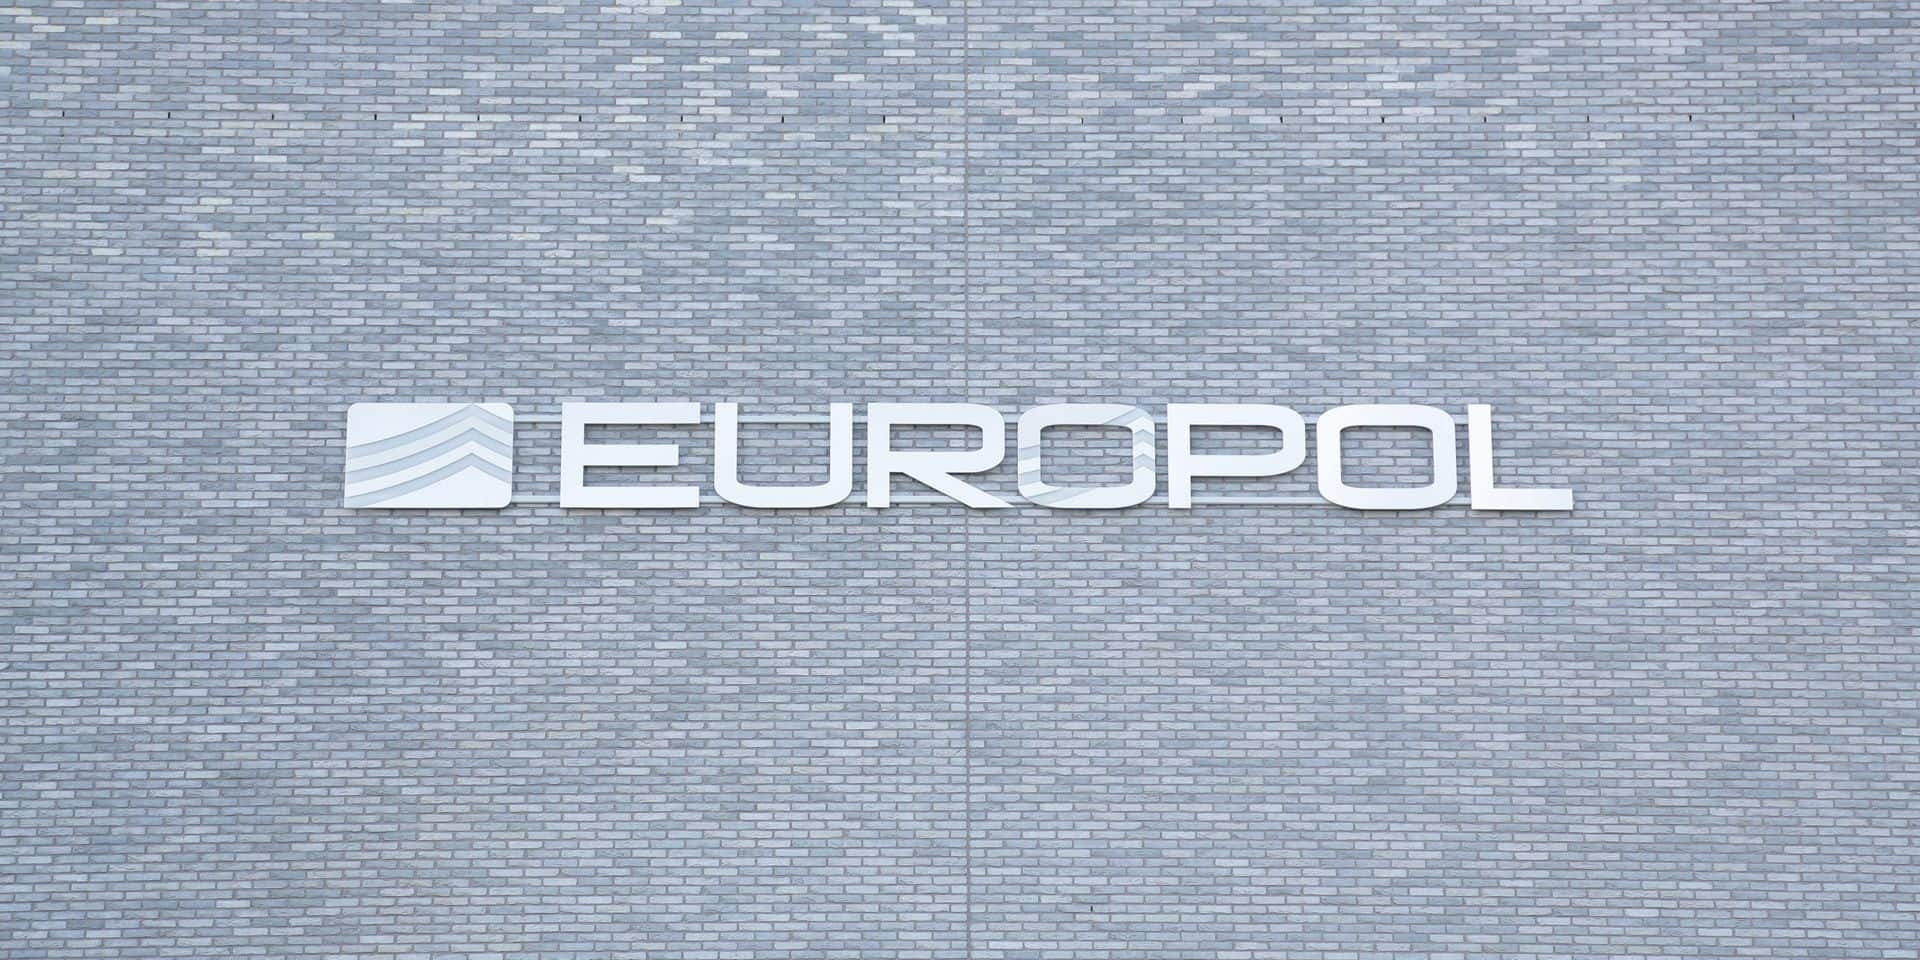 Europol a bloqué 33.600 noms de domaine pour lutter contre la contrefaçon